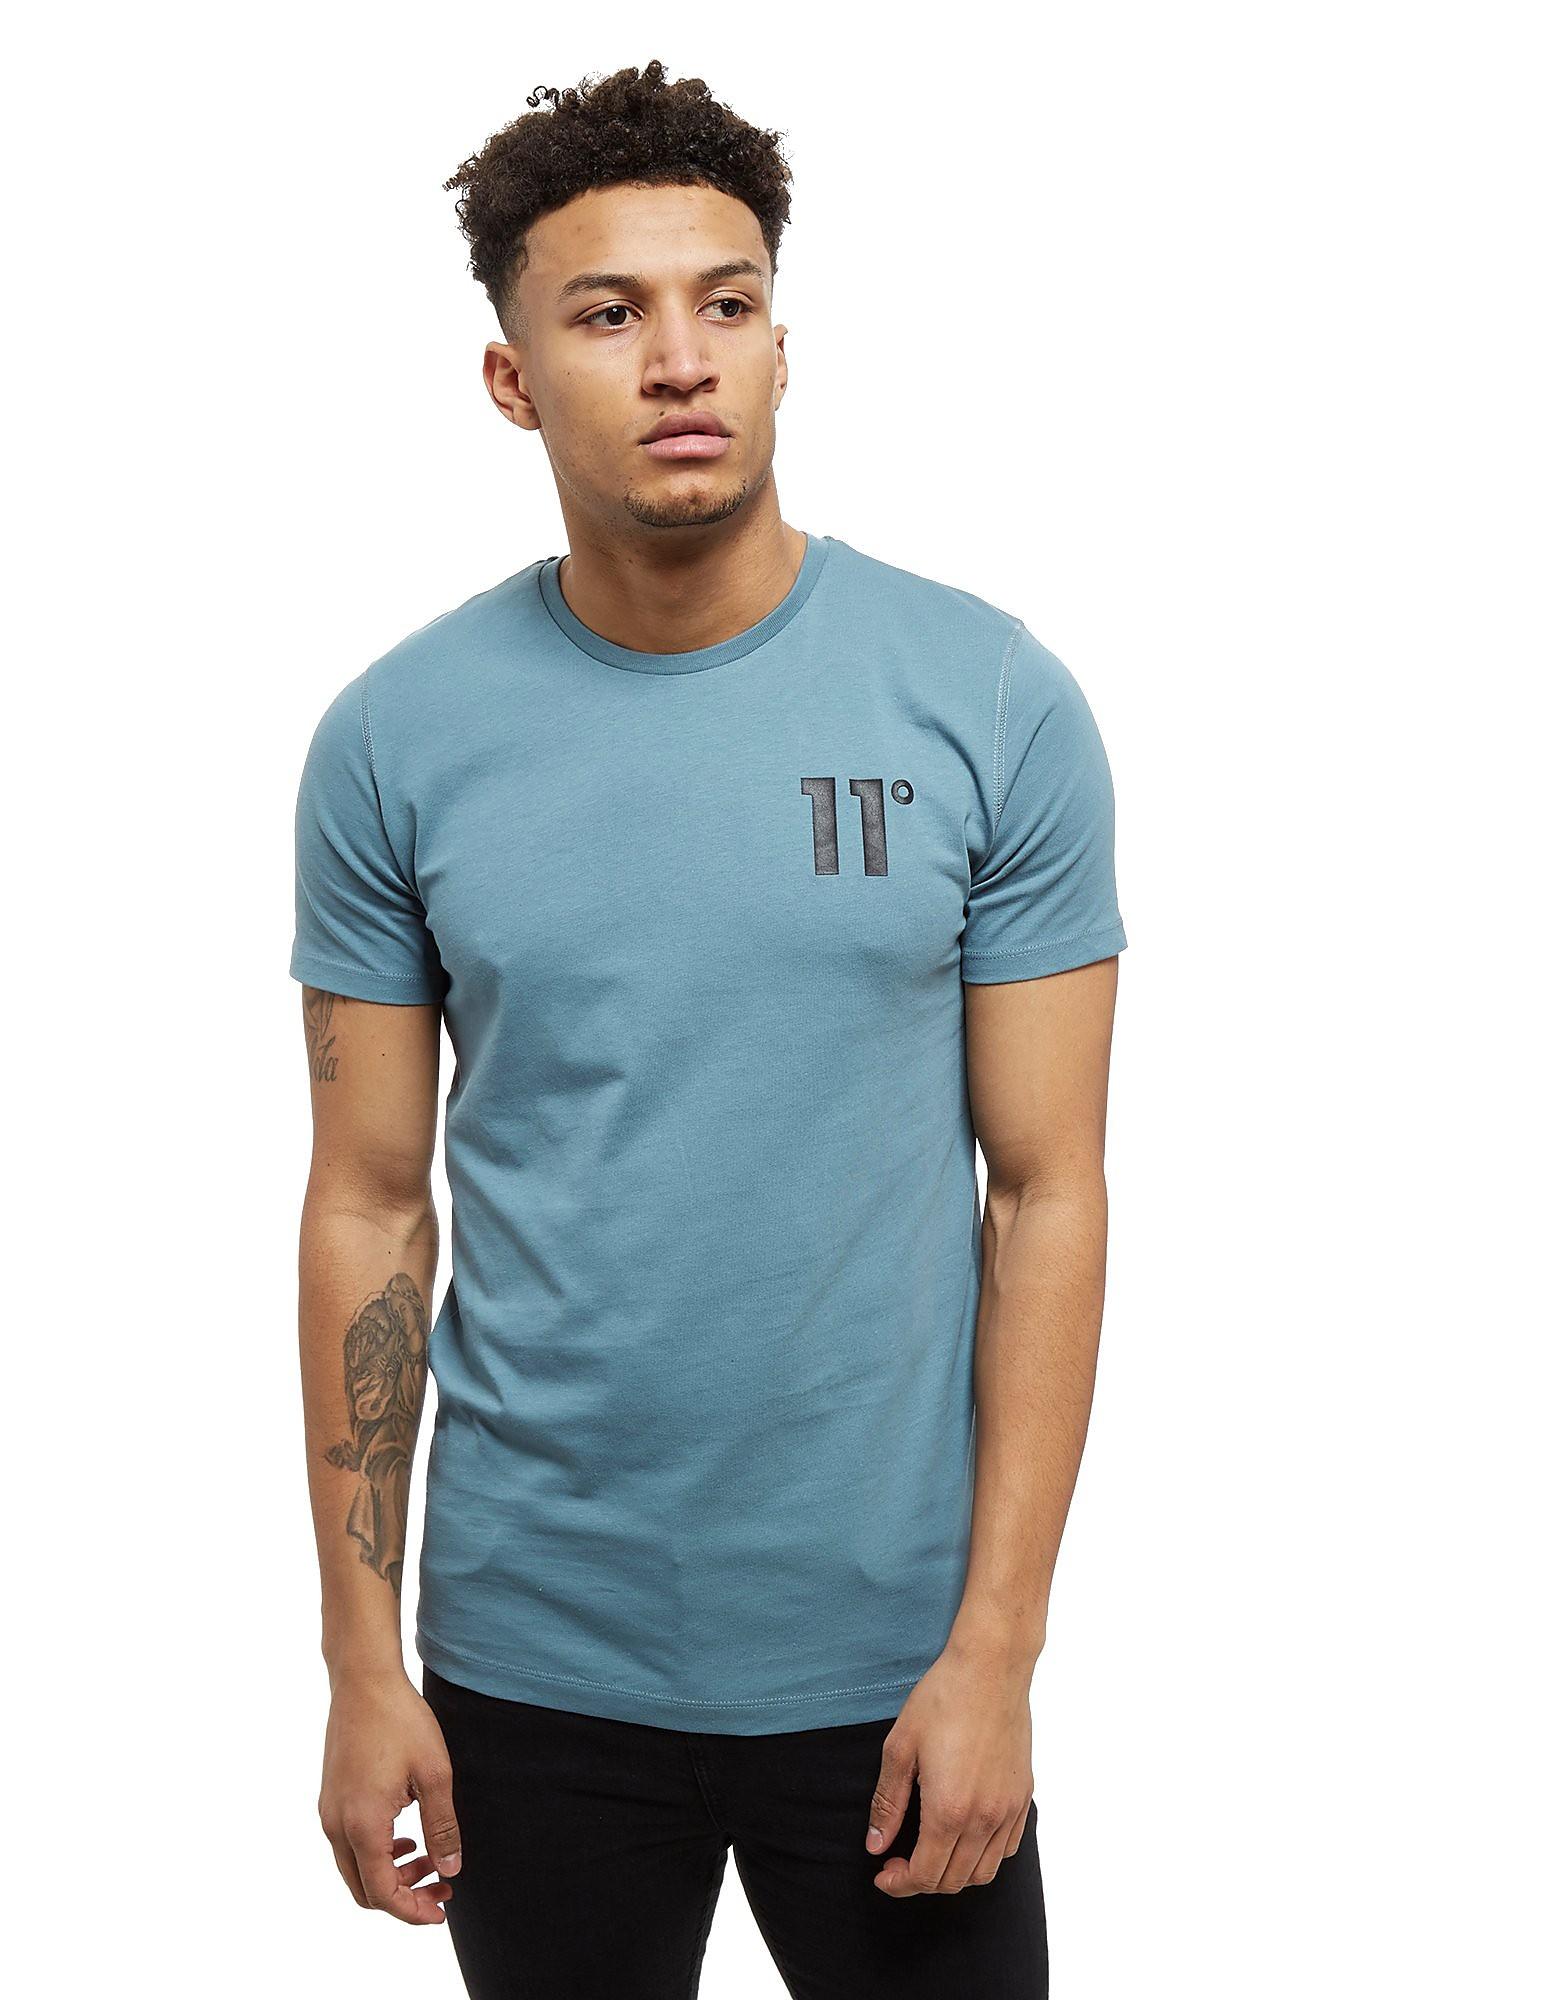 11 Degrees Core T-Shirt Homme - Ash Blue, Ash Blue